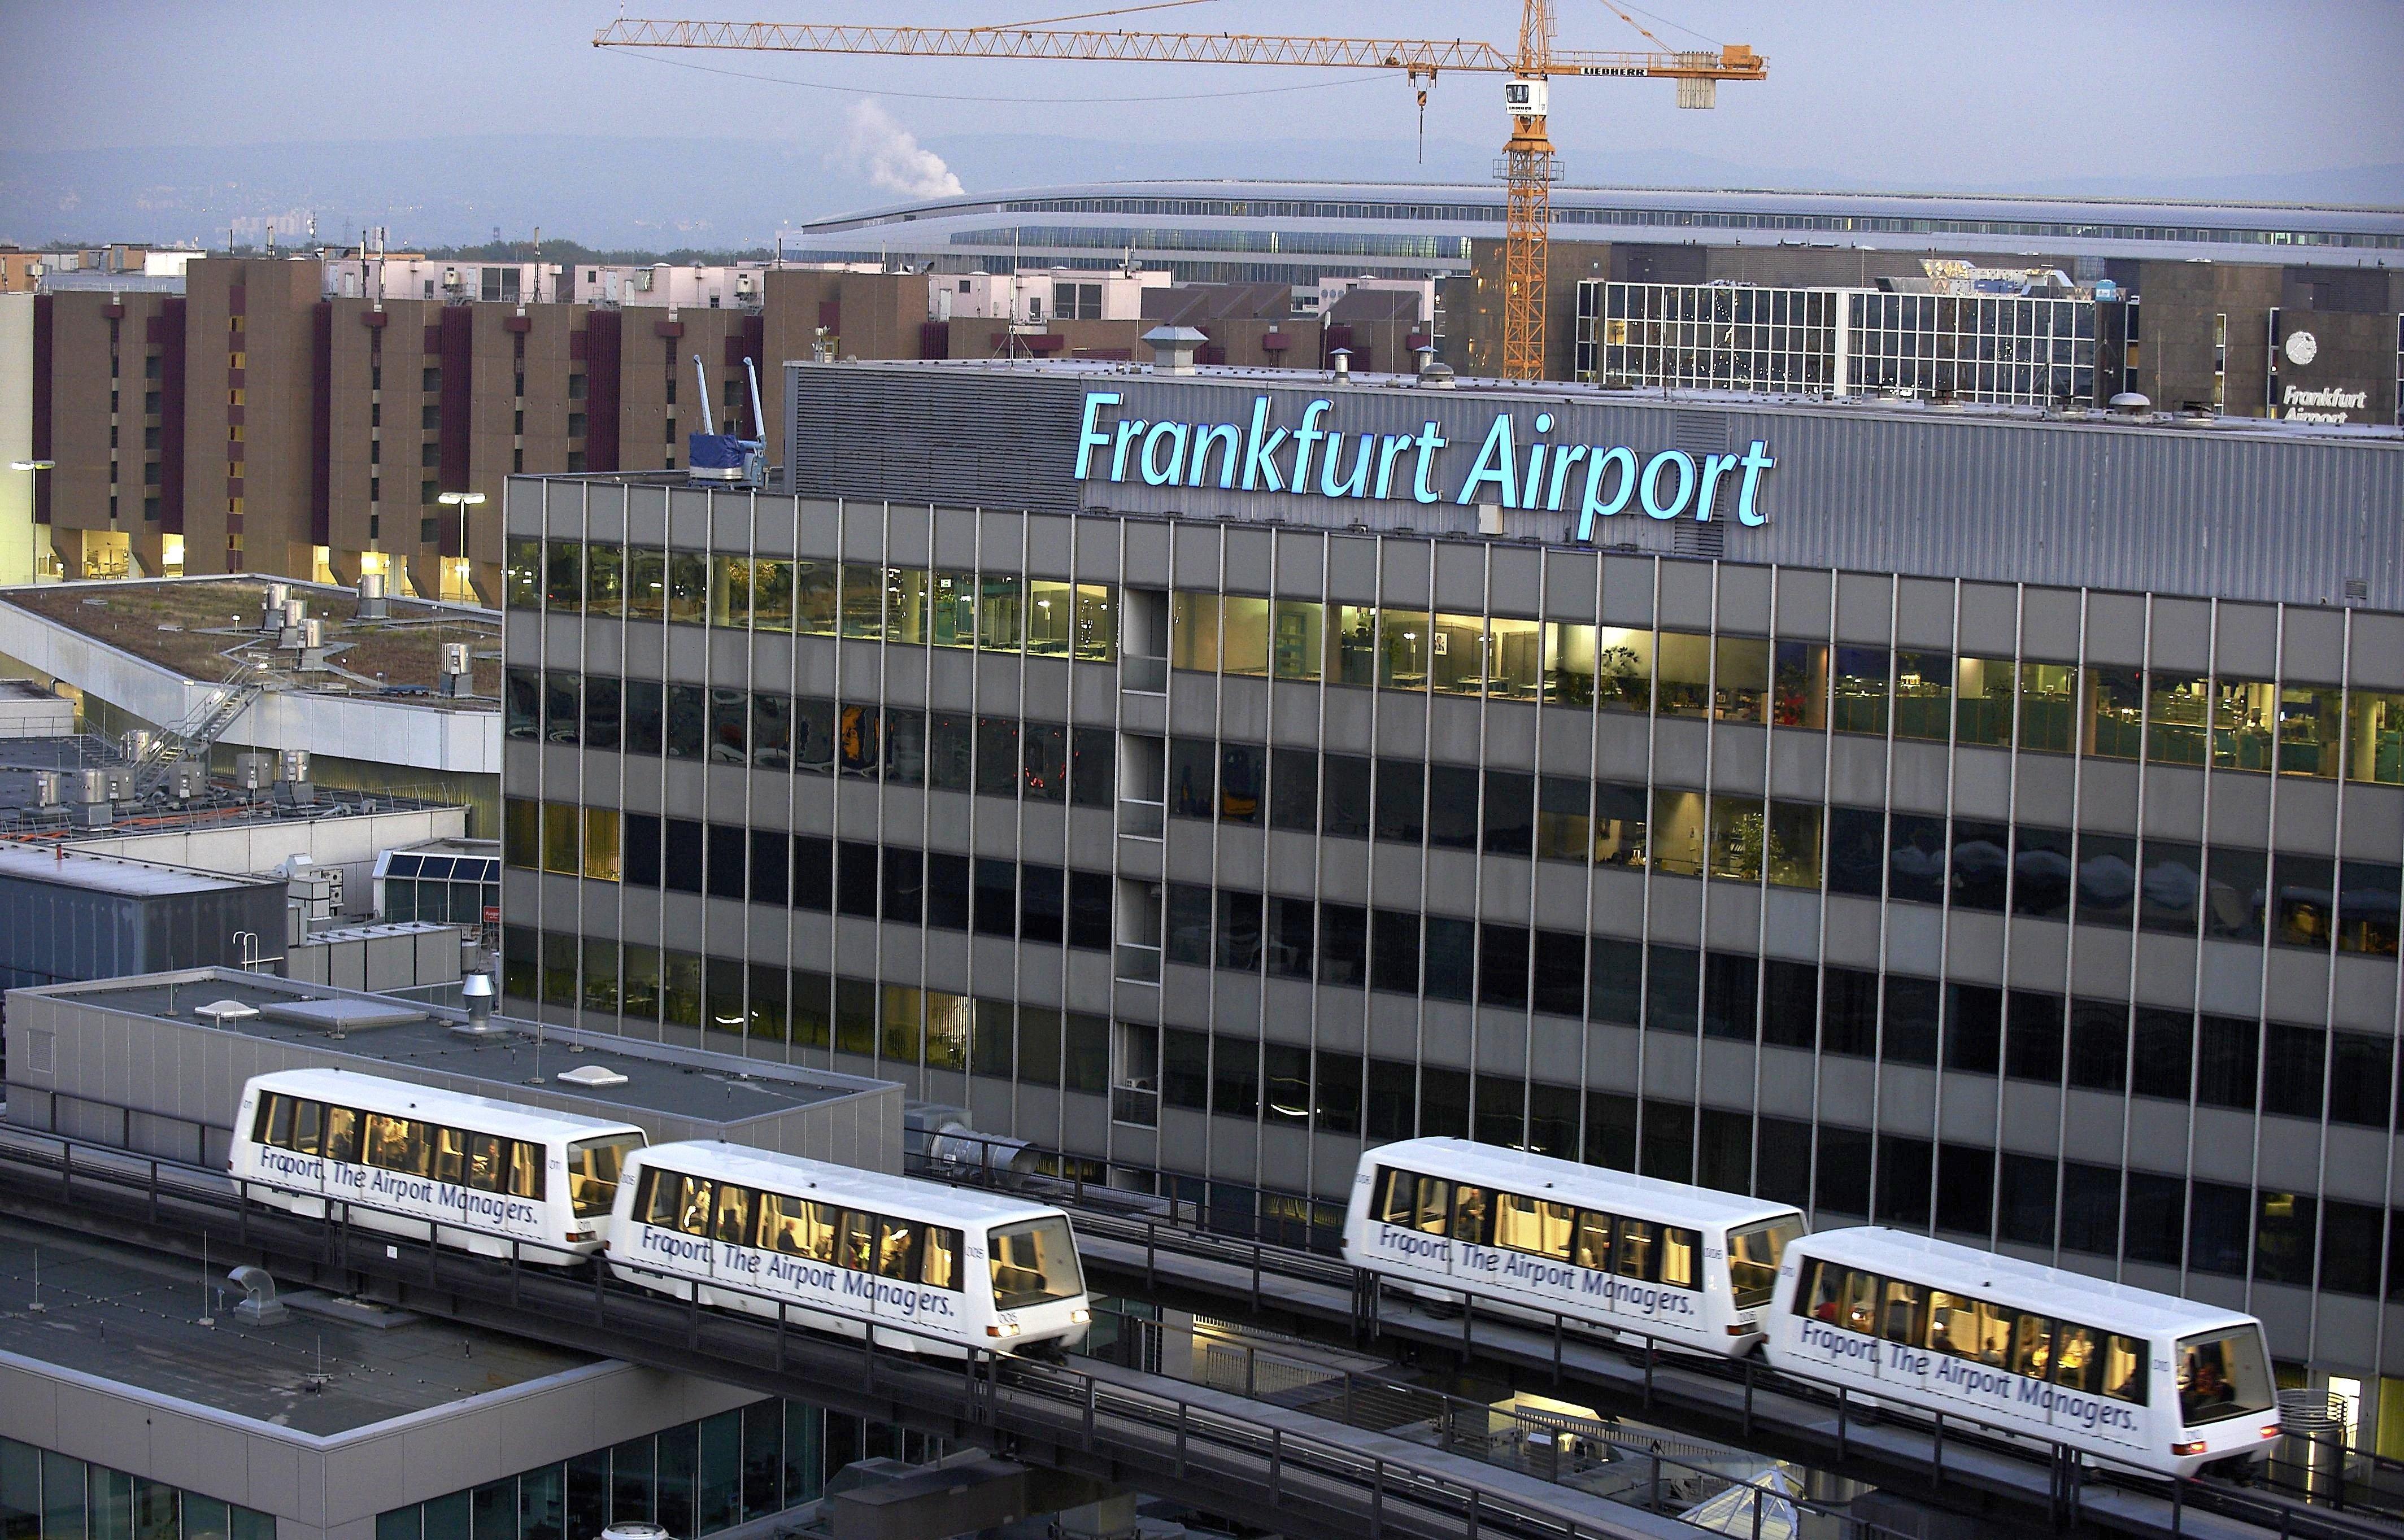 Die Hochbahn Skyline am Flughafen Frankfurt transportiert jeden Tag bis zu 25.000 Fahrgäste vollautomatisch und ohne Fahrer. Sie ist seit 20 Jahren in Betrieb.